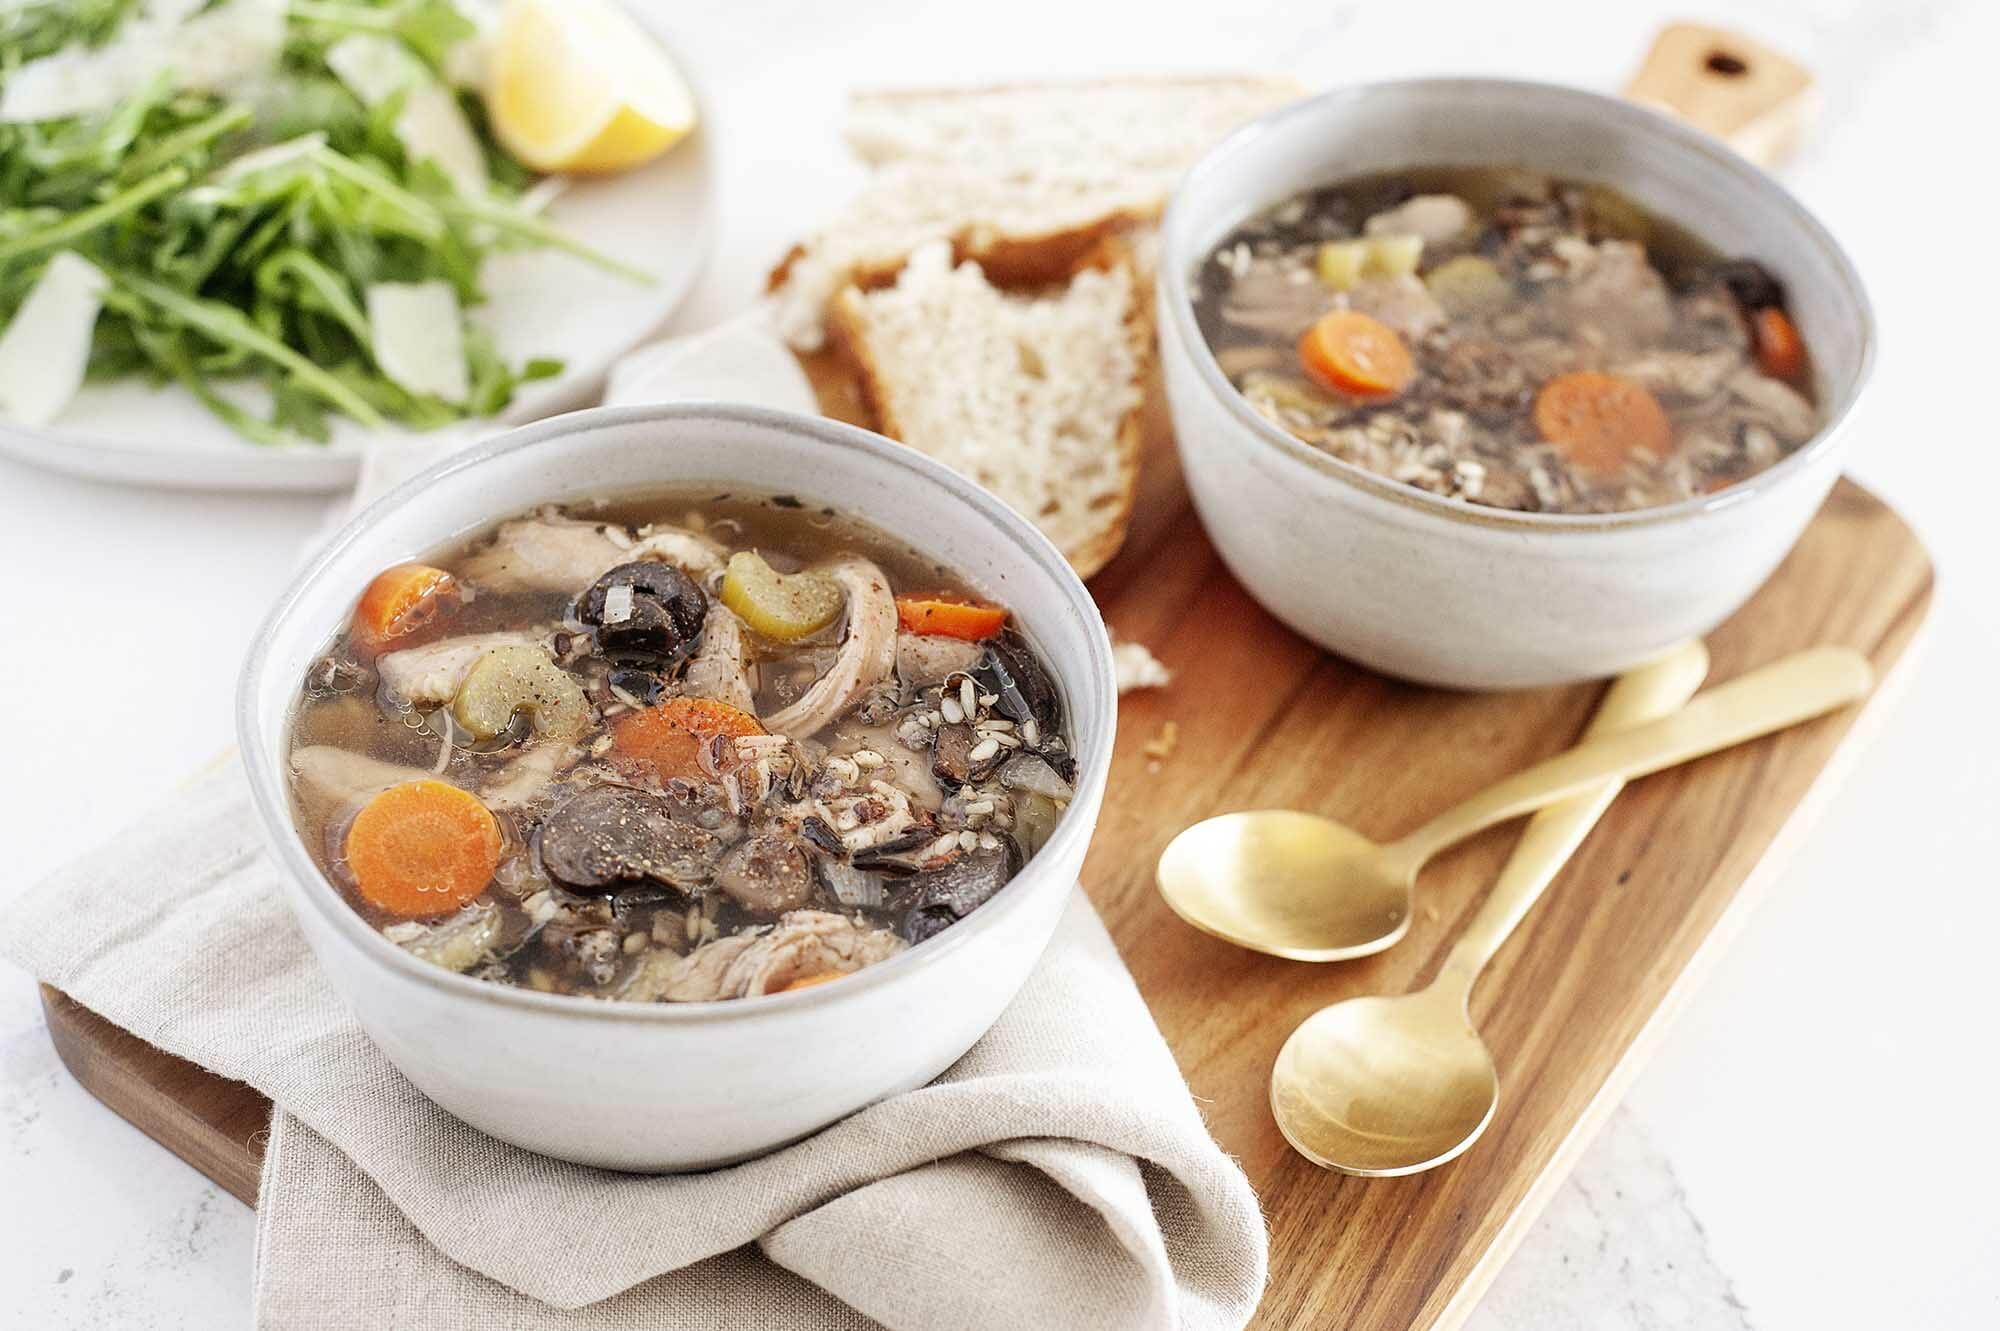 Две чашки легкого куриного и рисового супа с ложками, хлебом и салатом.